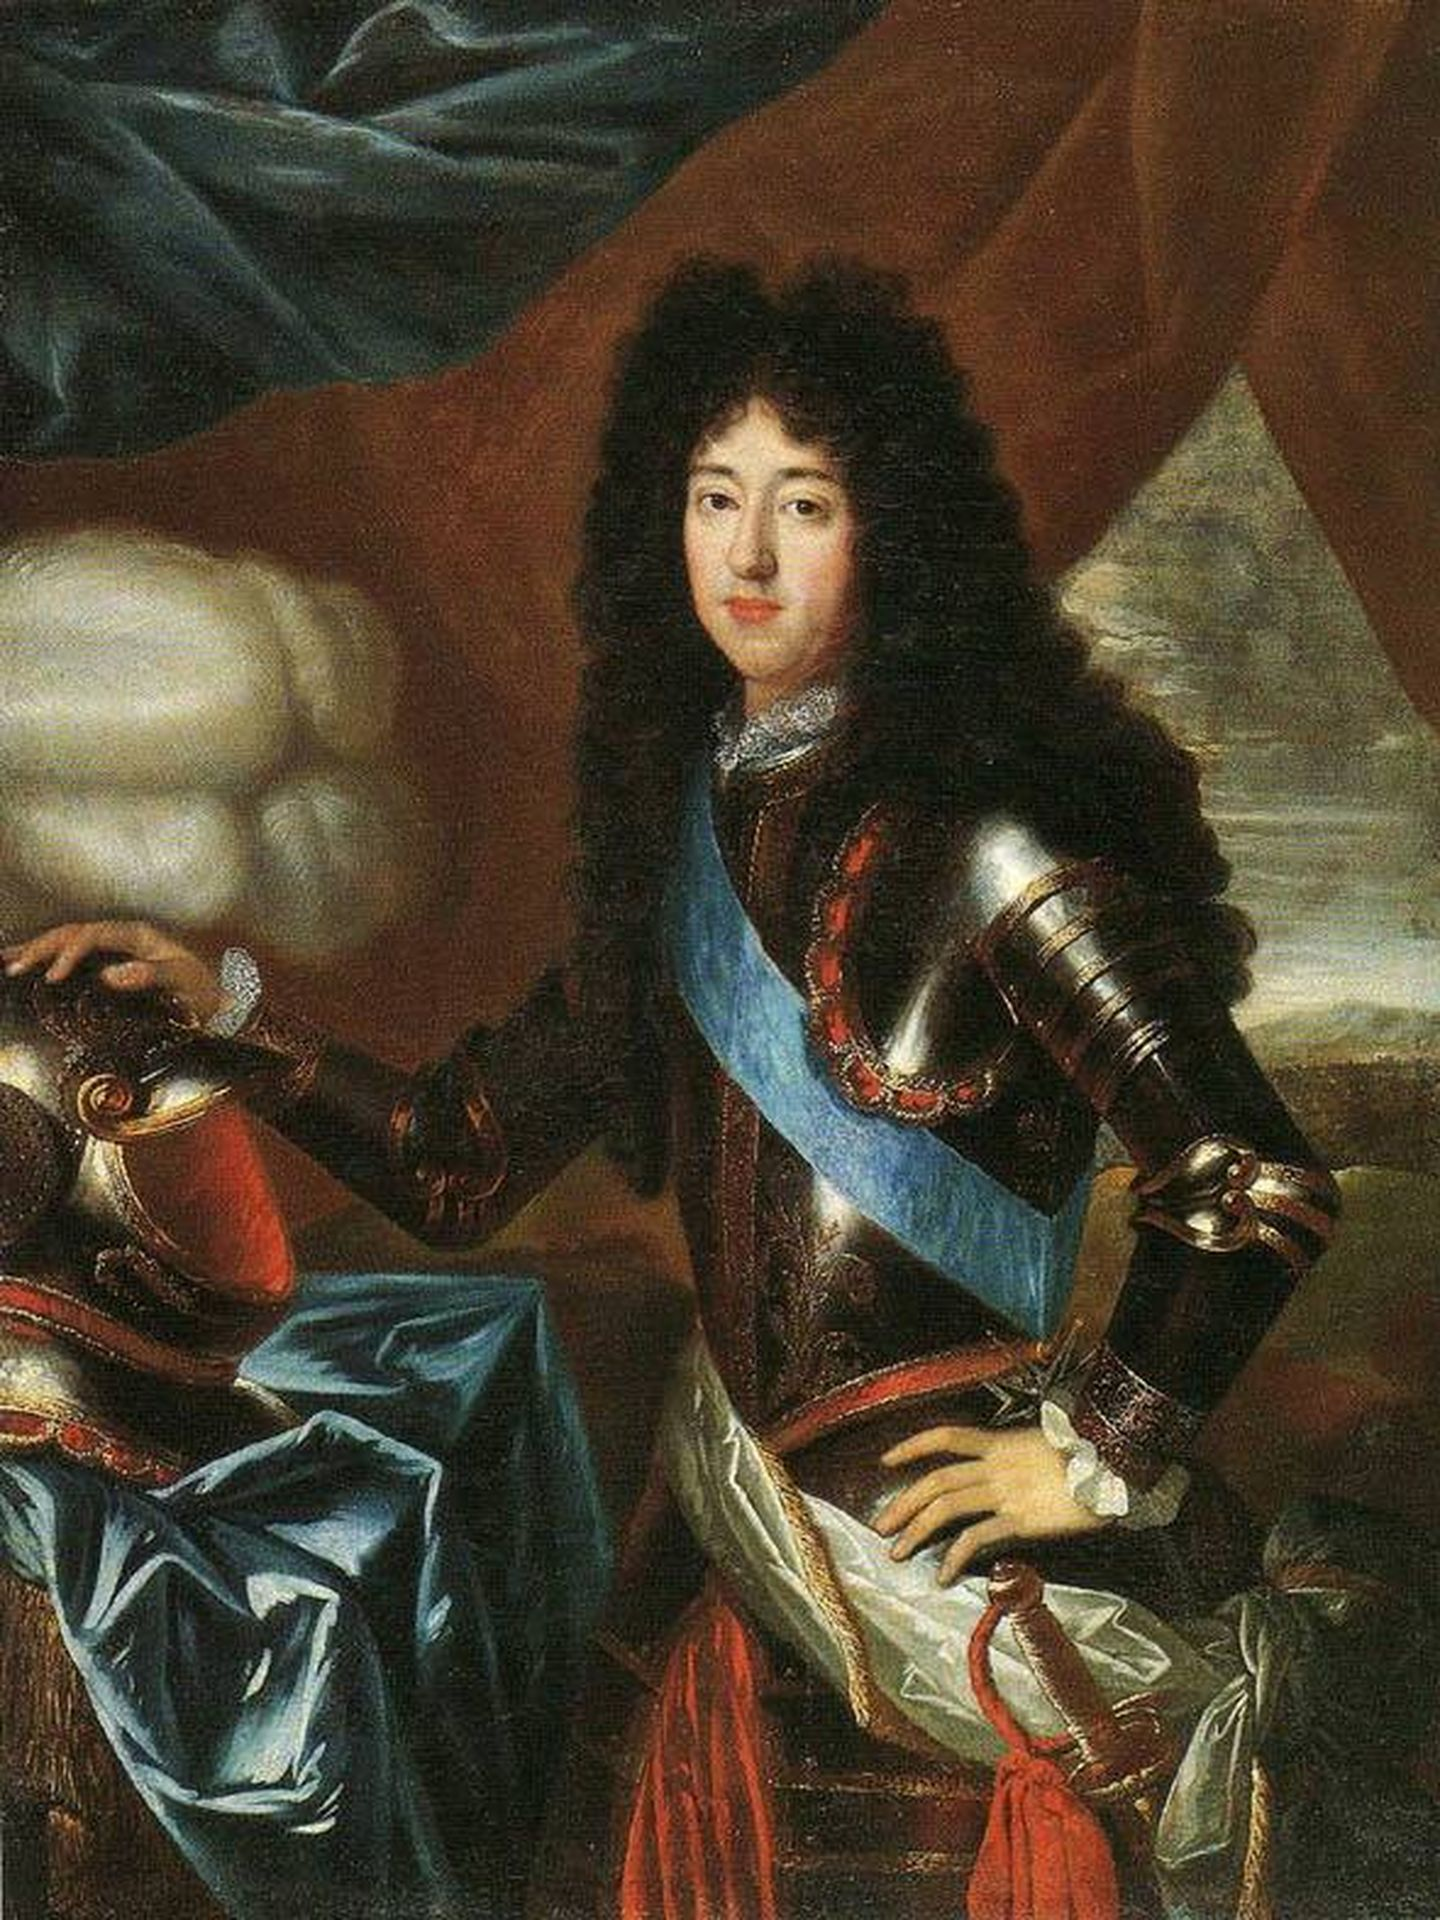 Felipe I de Orleans por Henri Gascard. (Musée des Beaux-Arts d'Orléans)